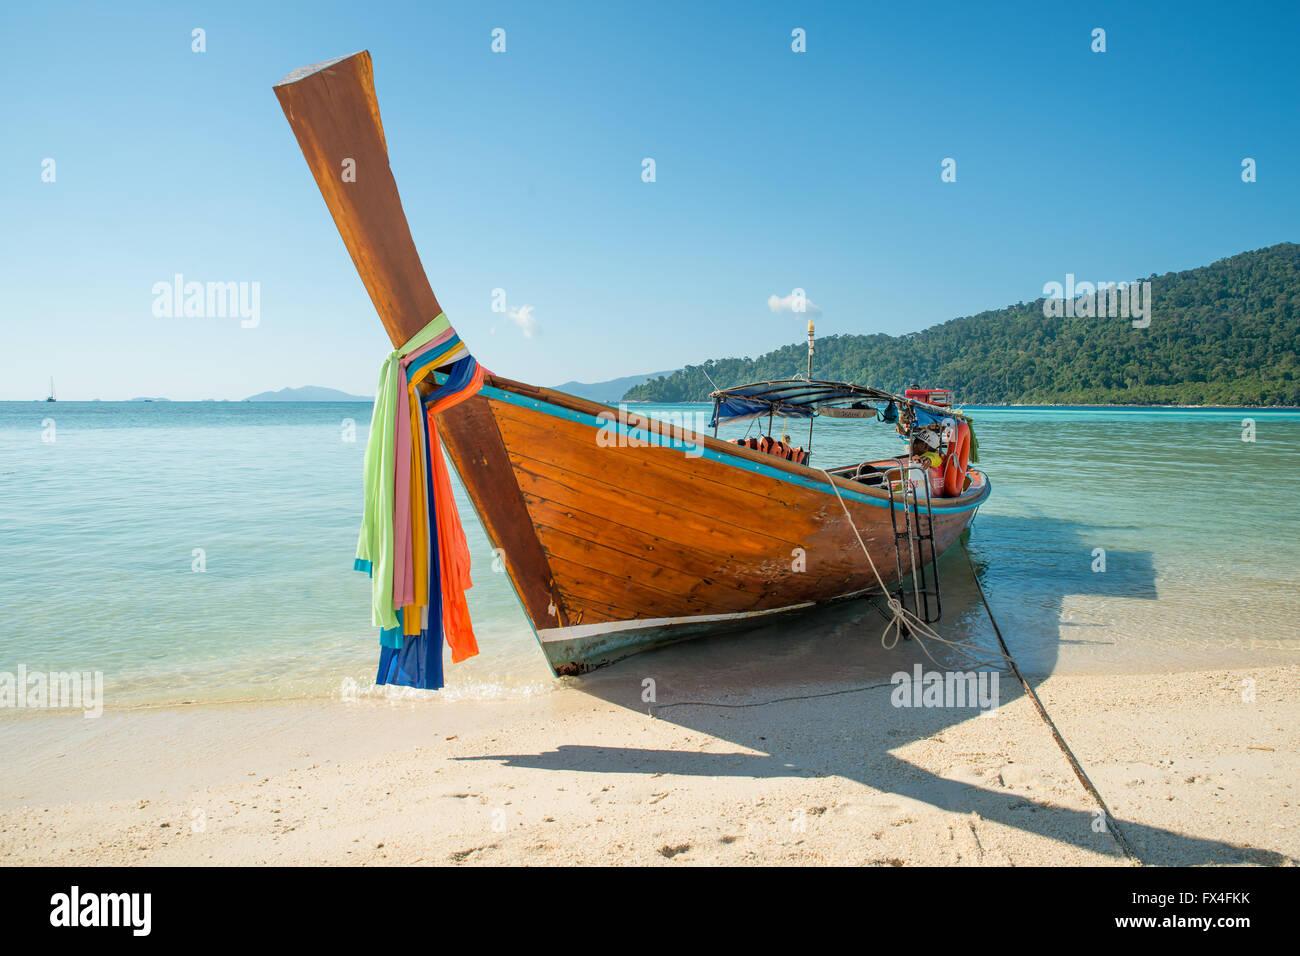 """Verano, Viajes, vacaciones y días festivos - Concepto de playa tropical, """"longtail"""" embarcaciones Imagen De Stock"""